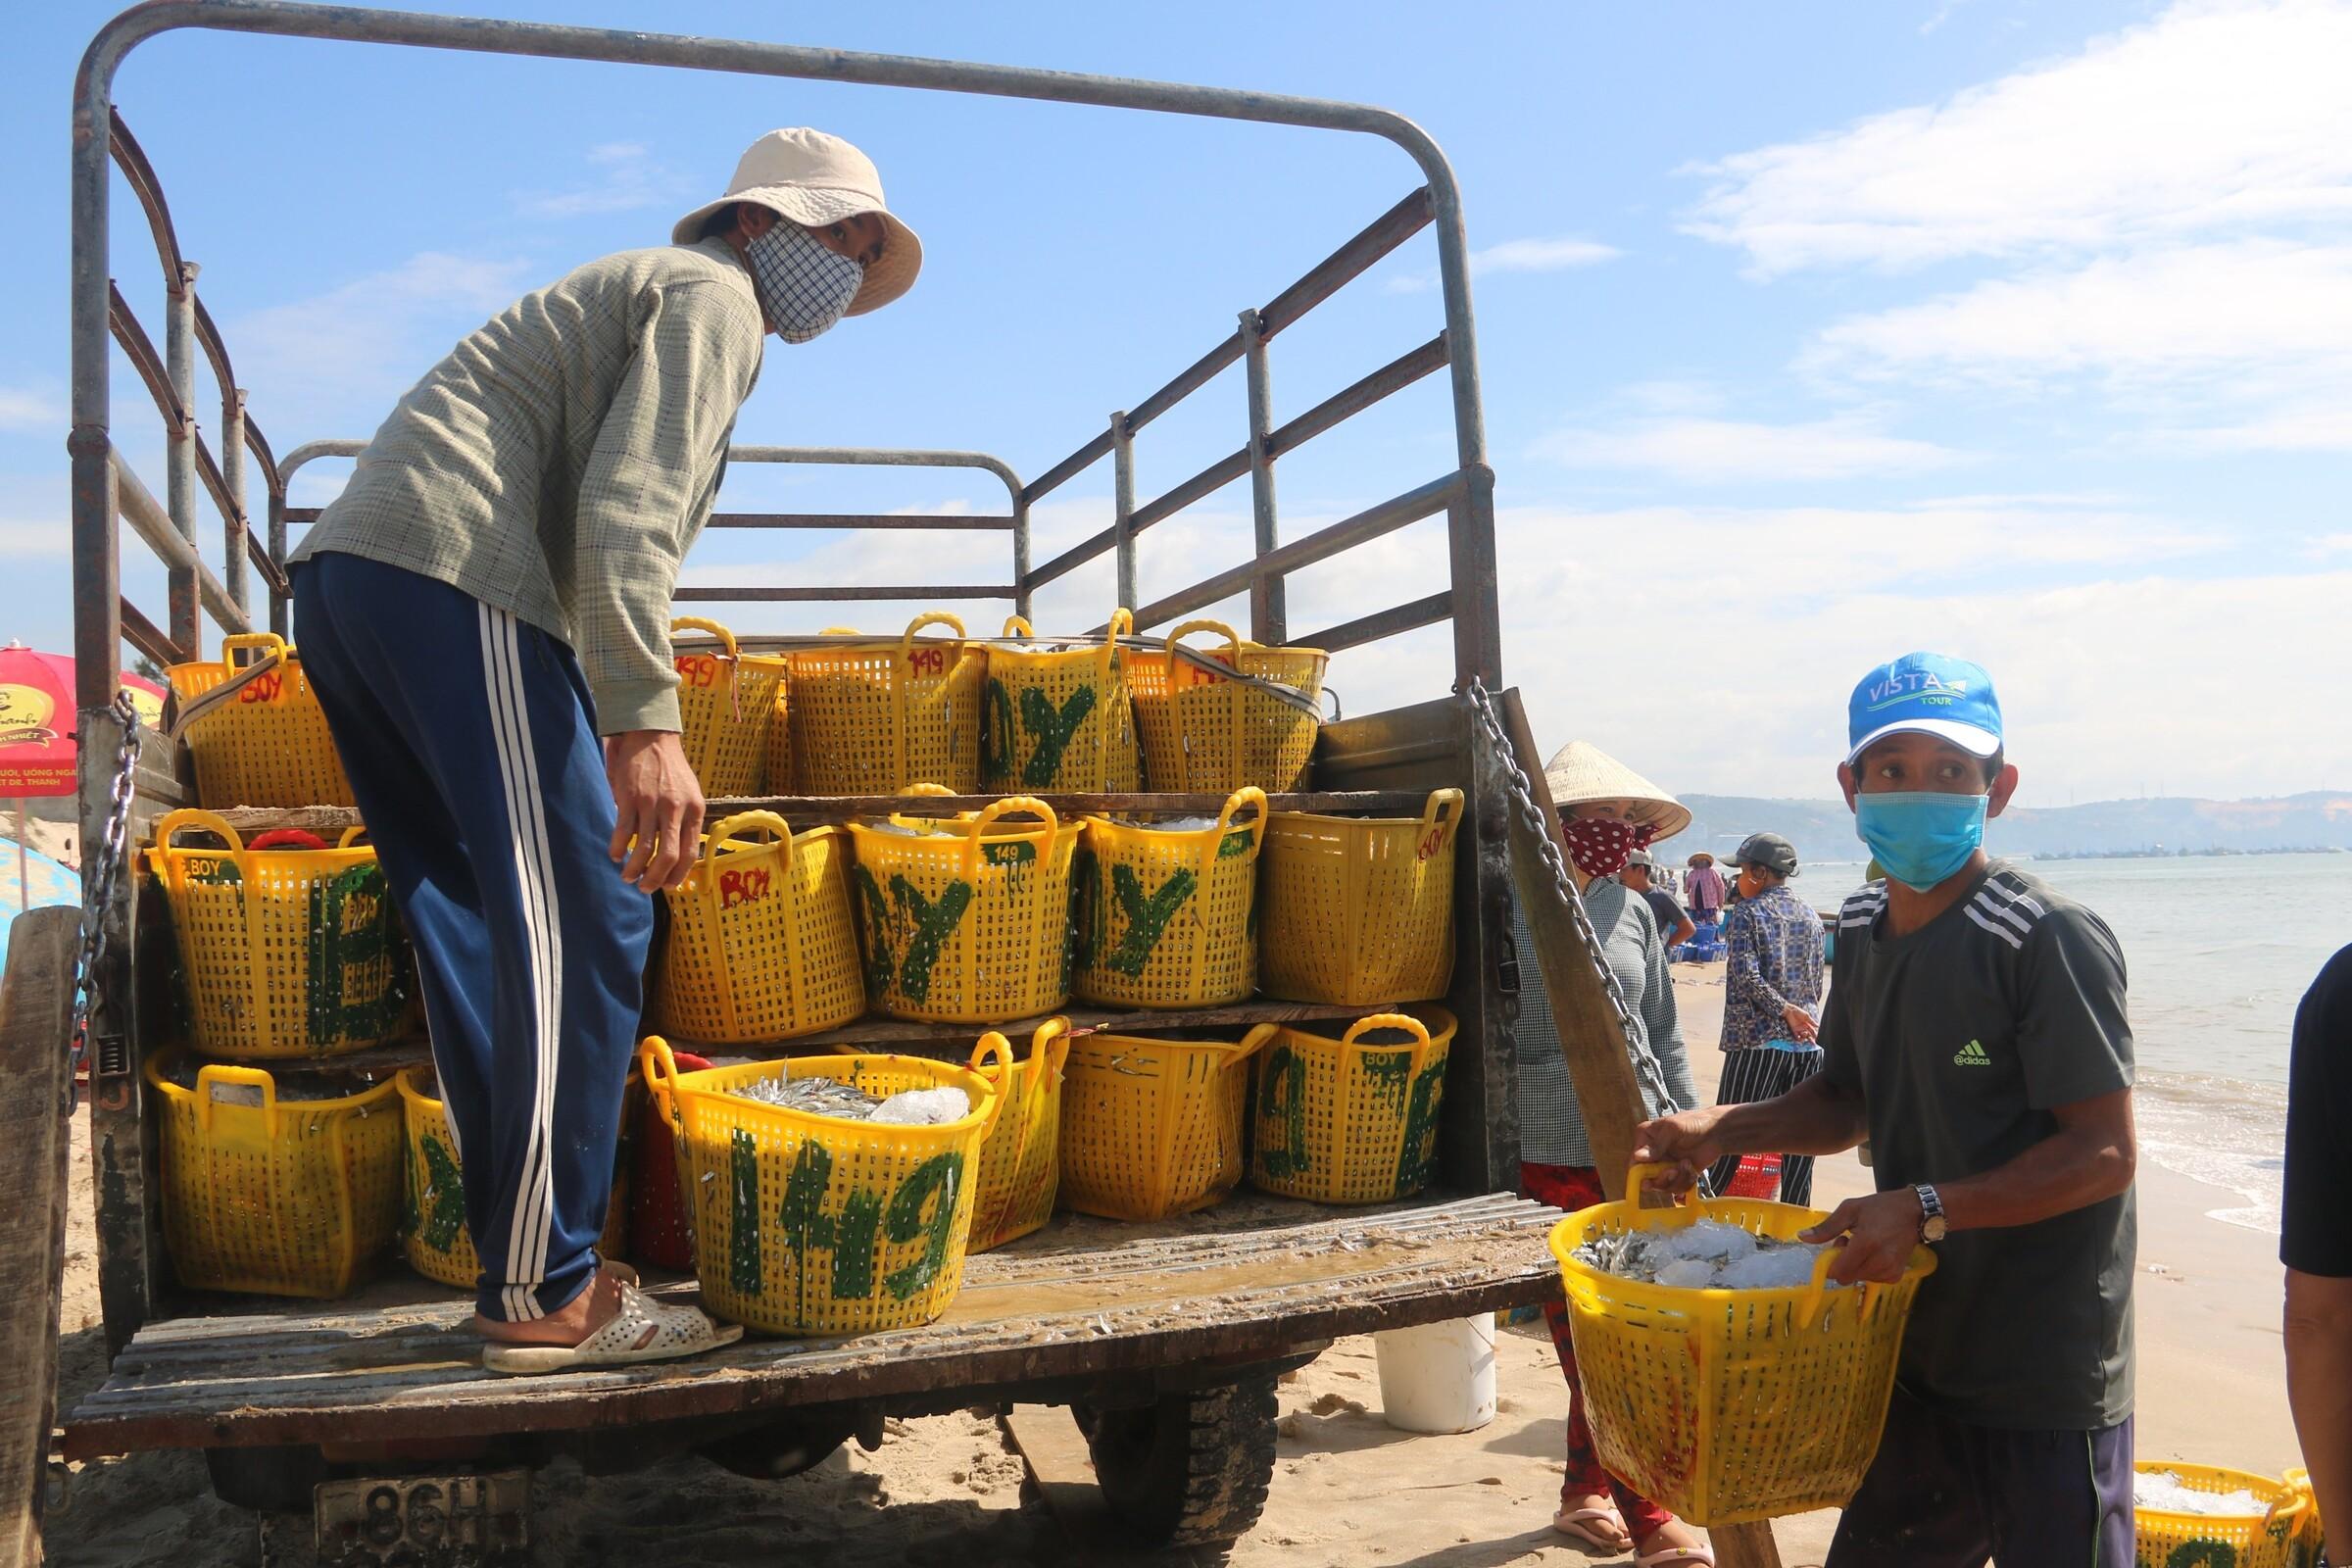 Nhân công đang bốc cá cơm lên xe ở bãi sau Mũi Né, chở về làm nước mắm. Ảnh: Việt Quốc.